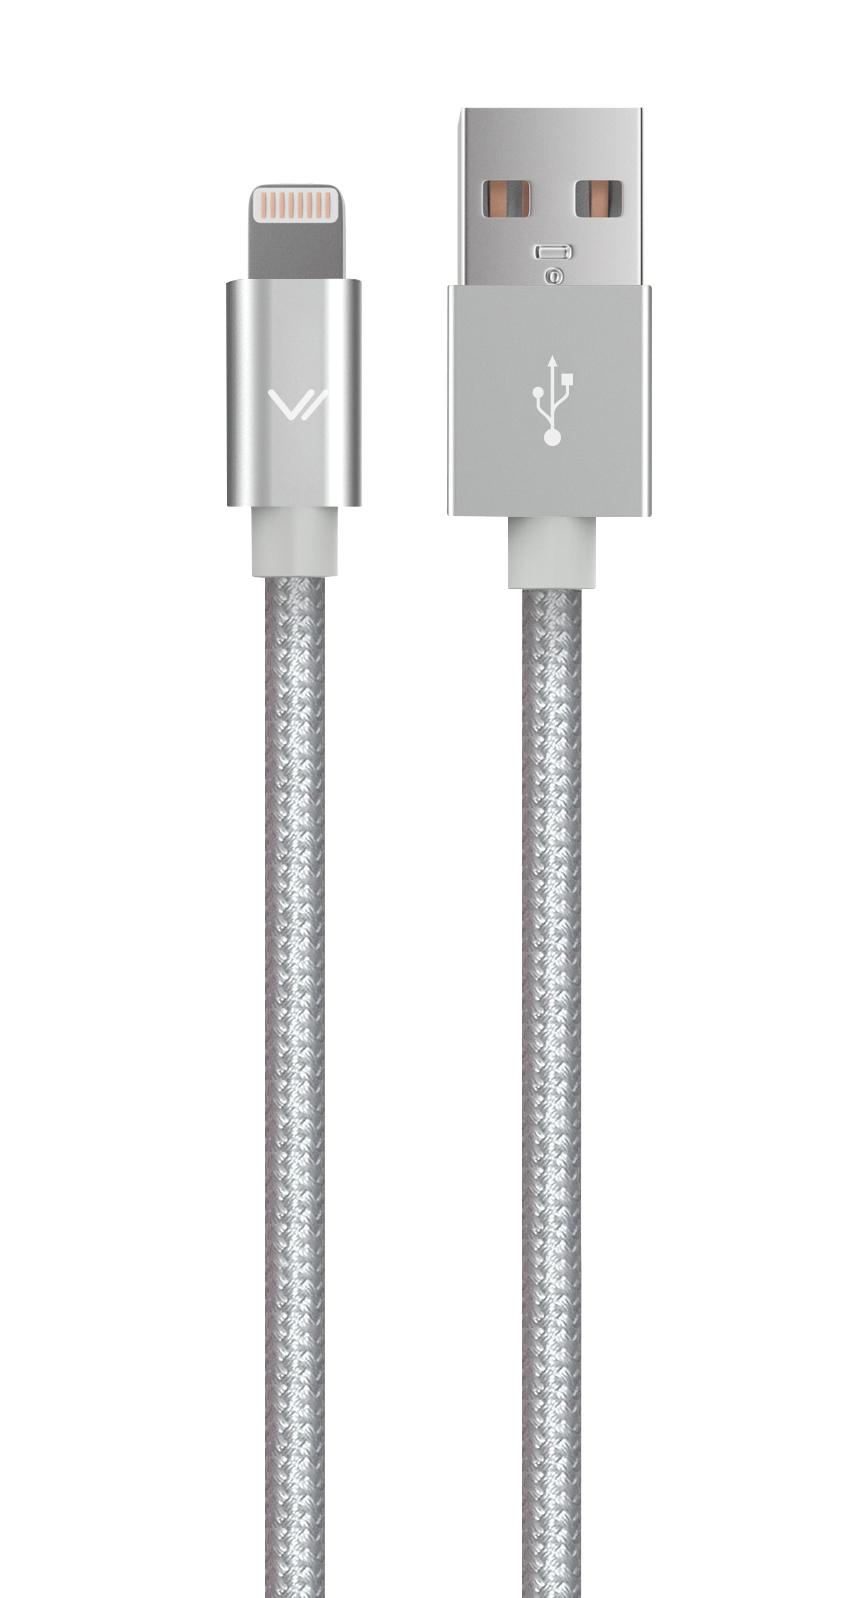 Дата-кабель Vertex для iPhone 6/6S/6Plus и iPhone5/5S/5C/SE MFI текстильный Silver чехол накладка для iphone 5 5s 6 6s 6plus 6s plus змеиный дизайн